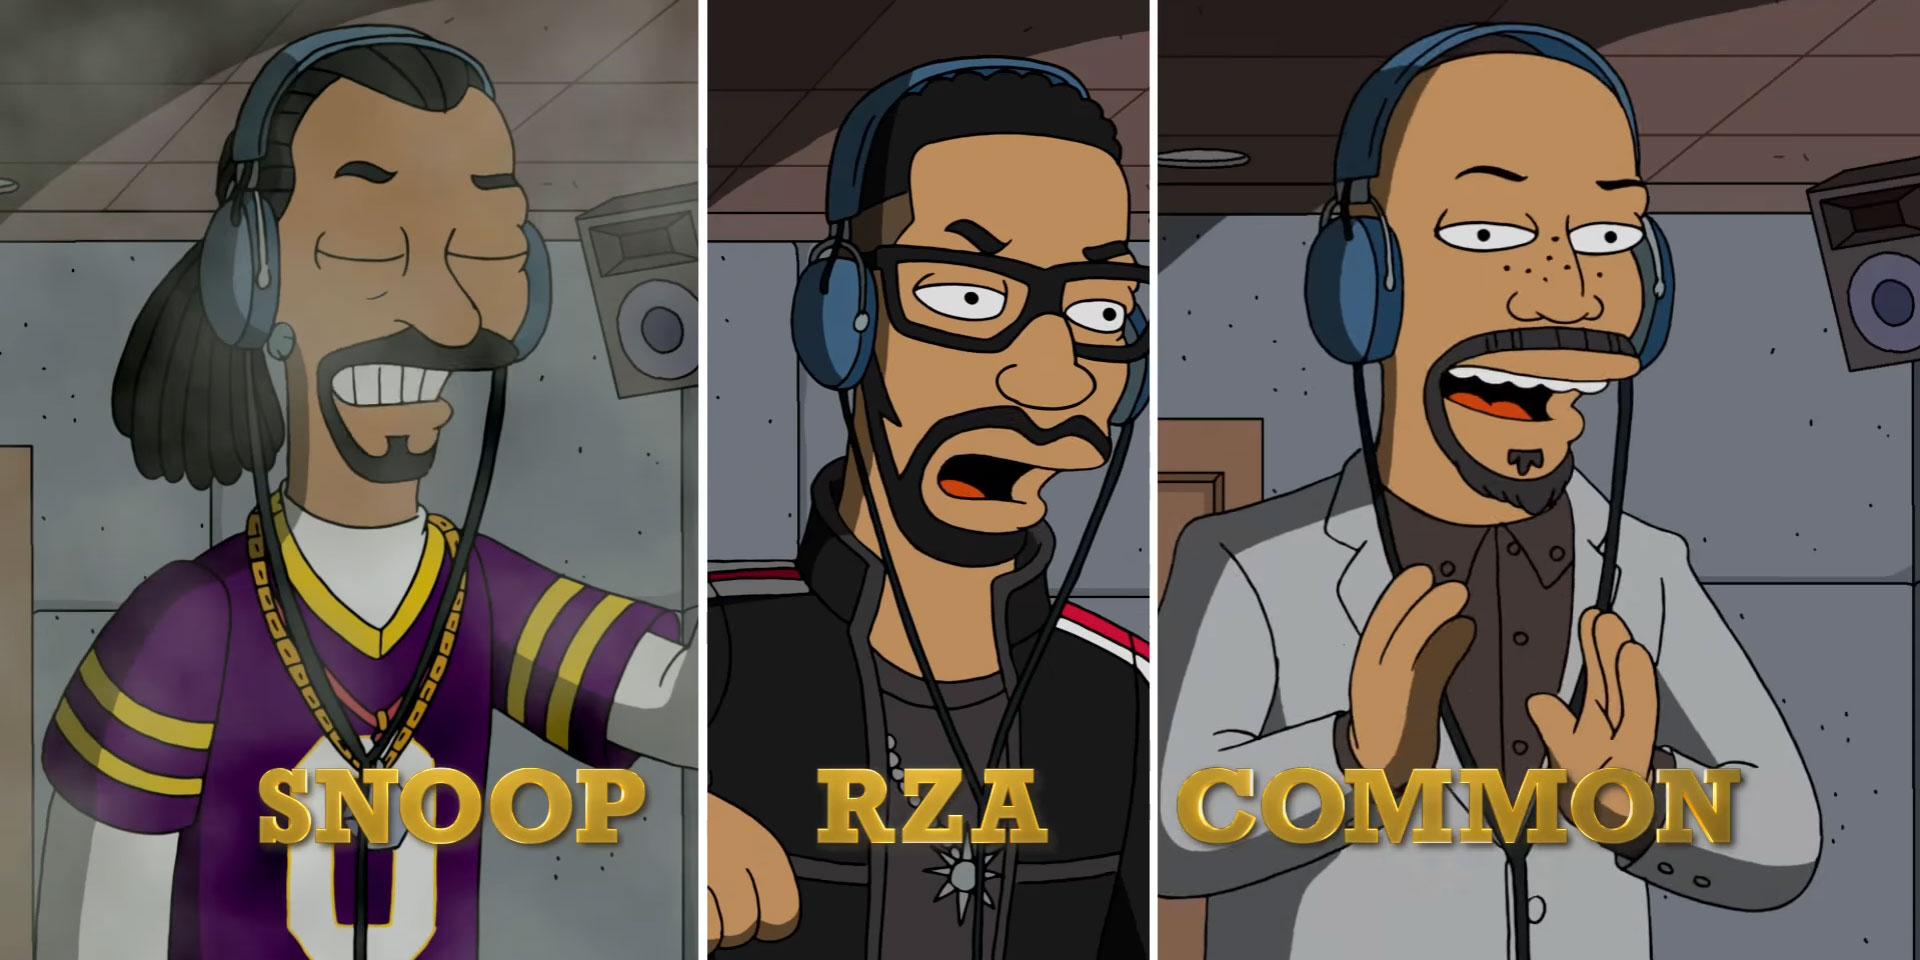 RZA, Snoop et Common dans l'épisode spécial hip-hop des Simpson